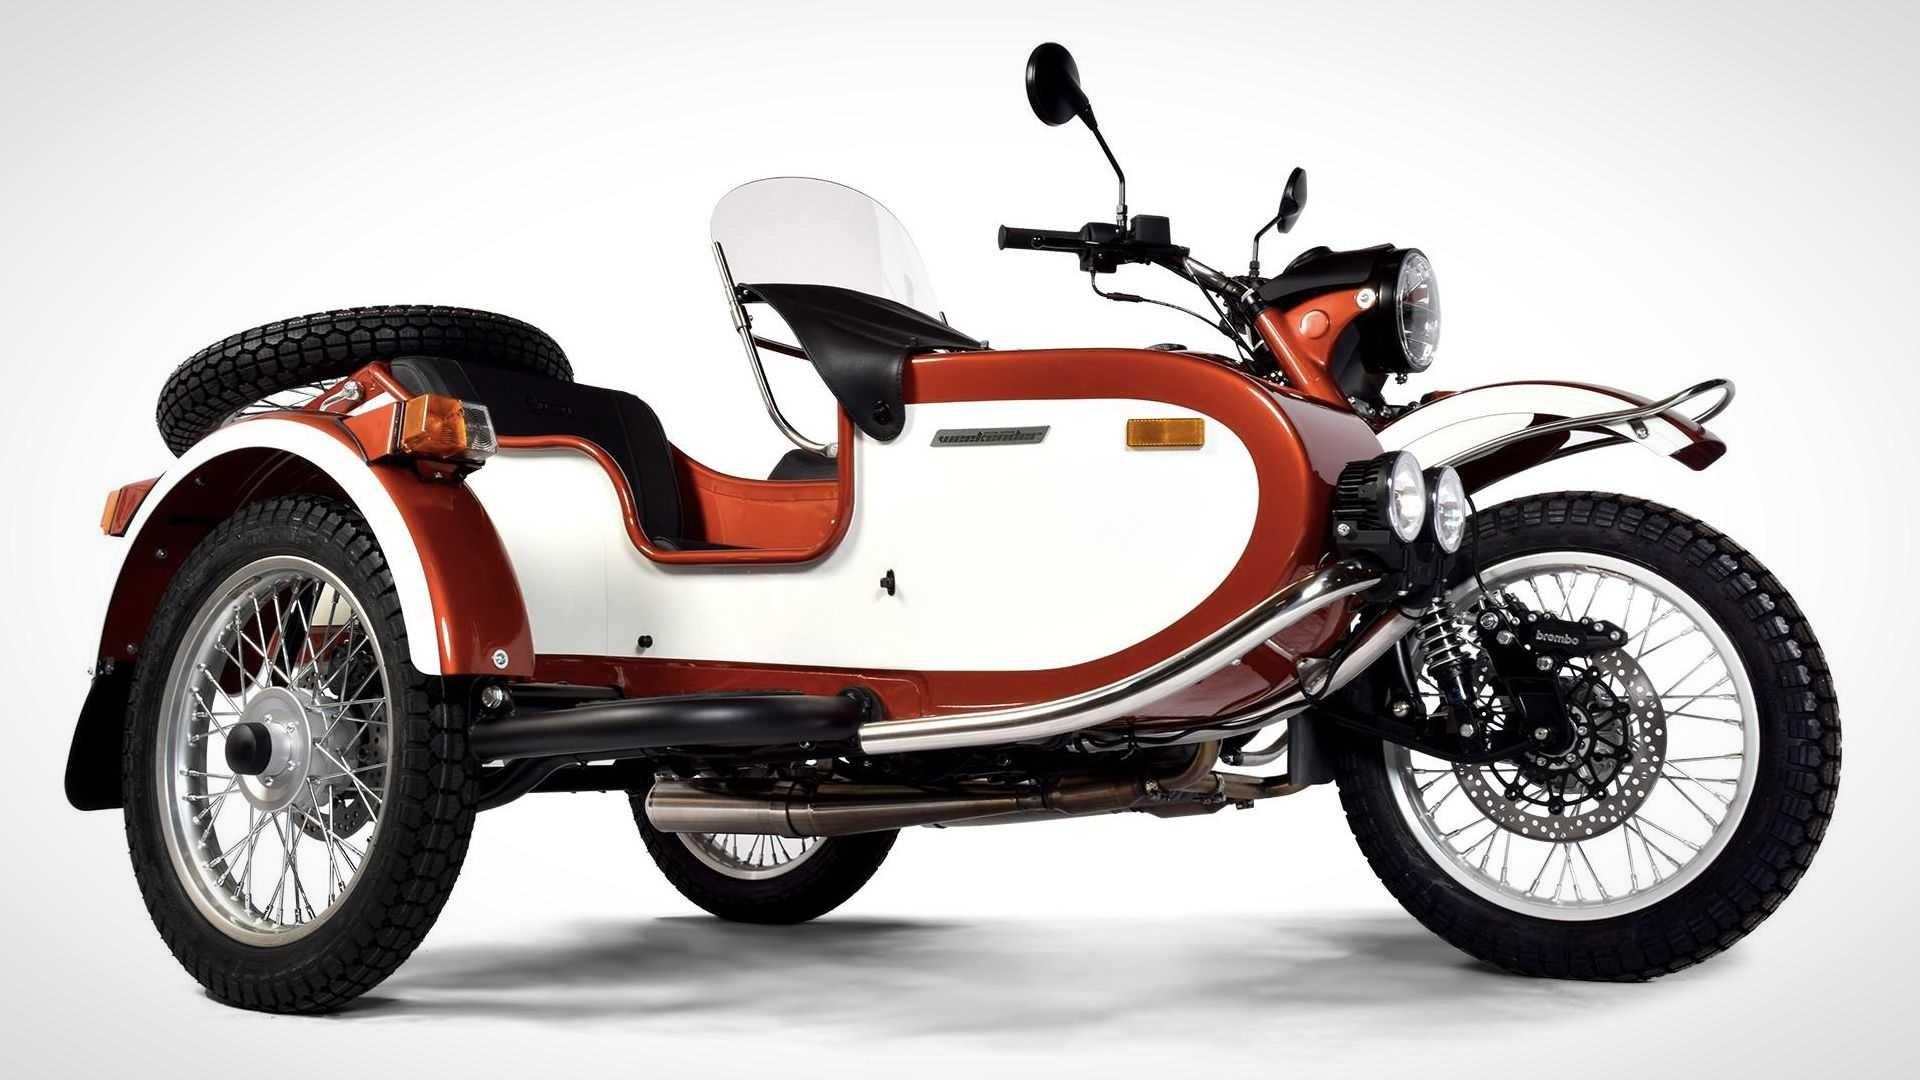 Мотоцикл Урал вышел в спецсерии Weekender SE за 1,5 миллиона рублей